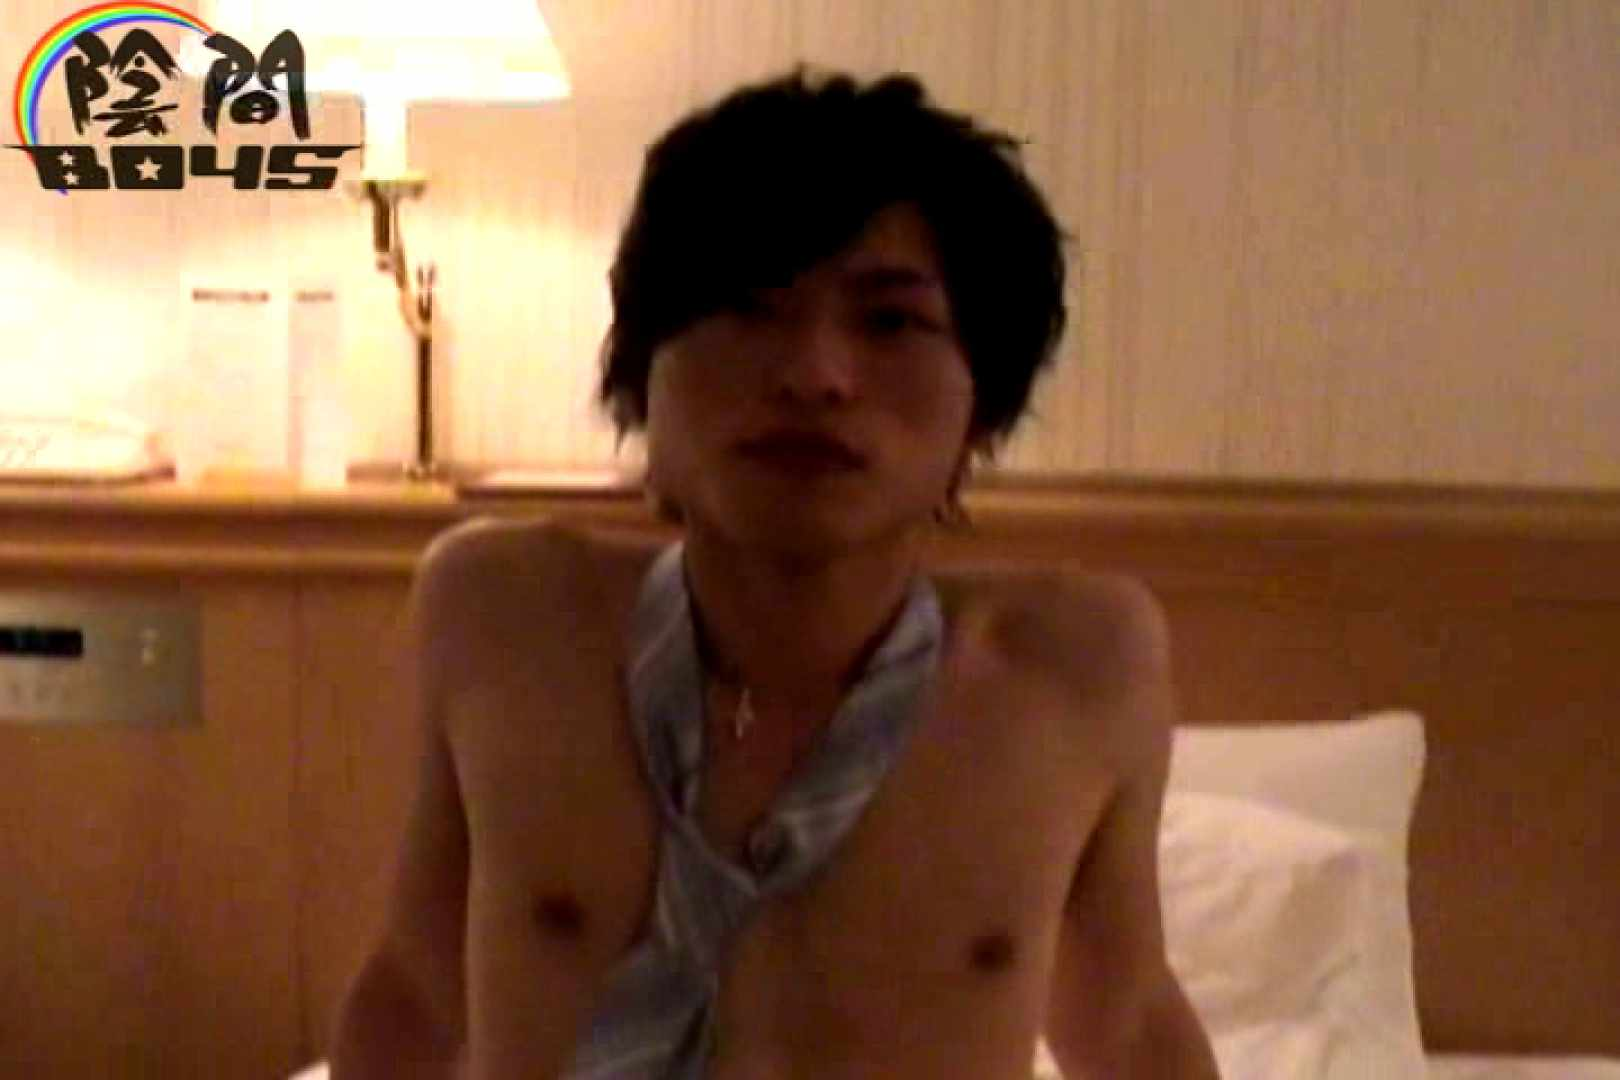 陰間BOYS~IKEMEN Interview~02 お口で! ゲイエロ画像 82pic 82